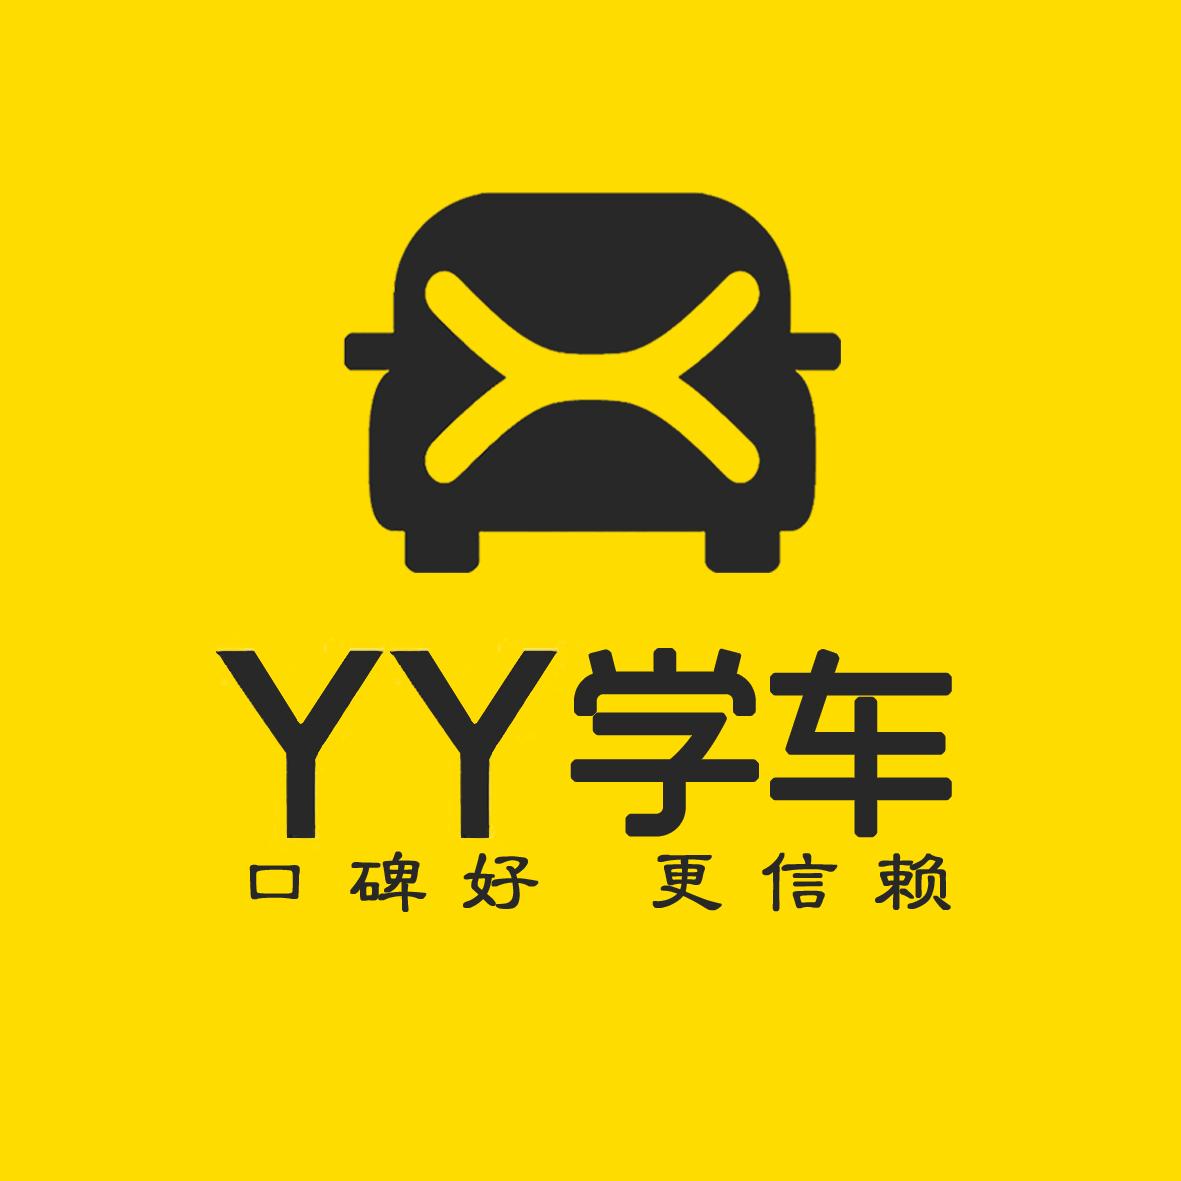 泉州悦悦学车汽车驾驶服务有限公司